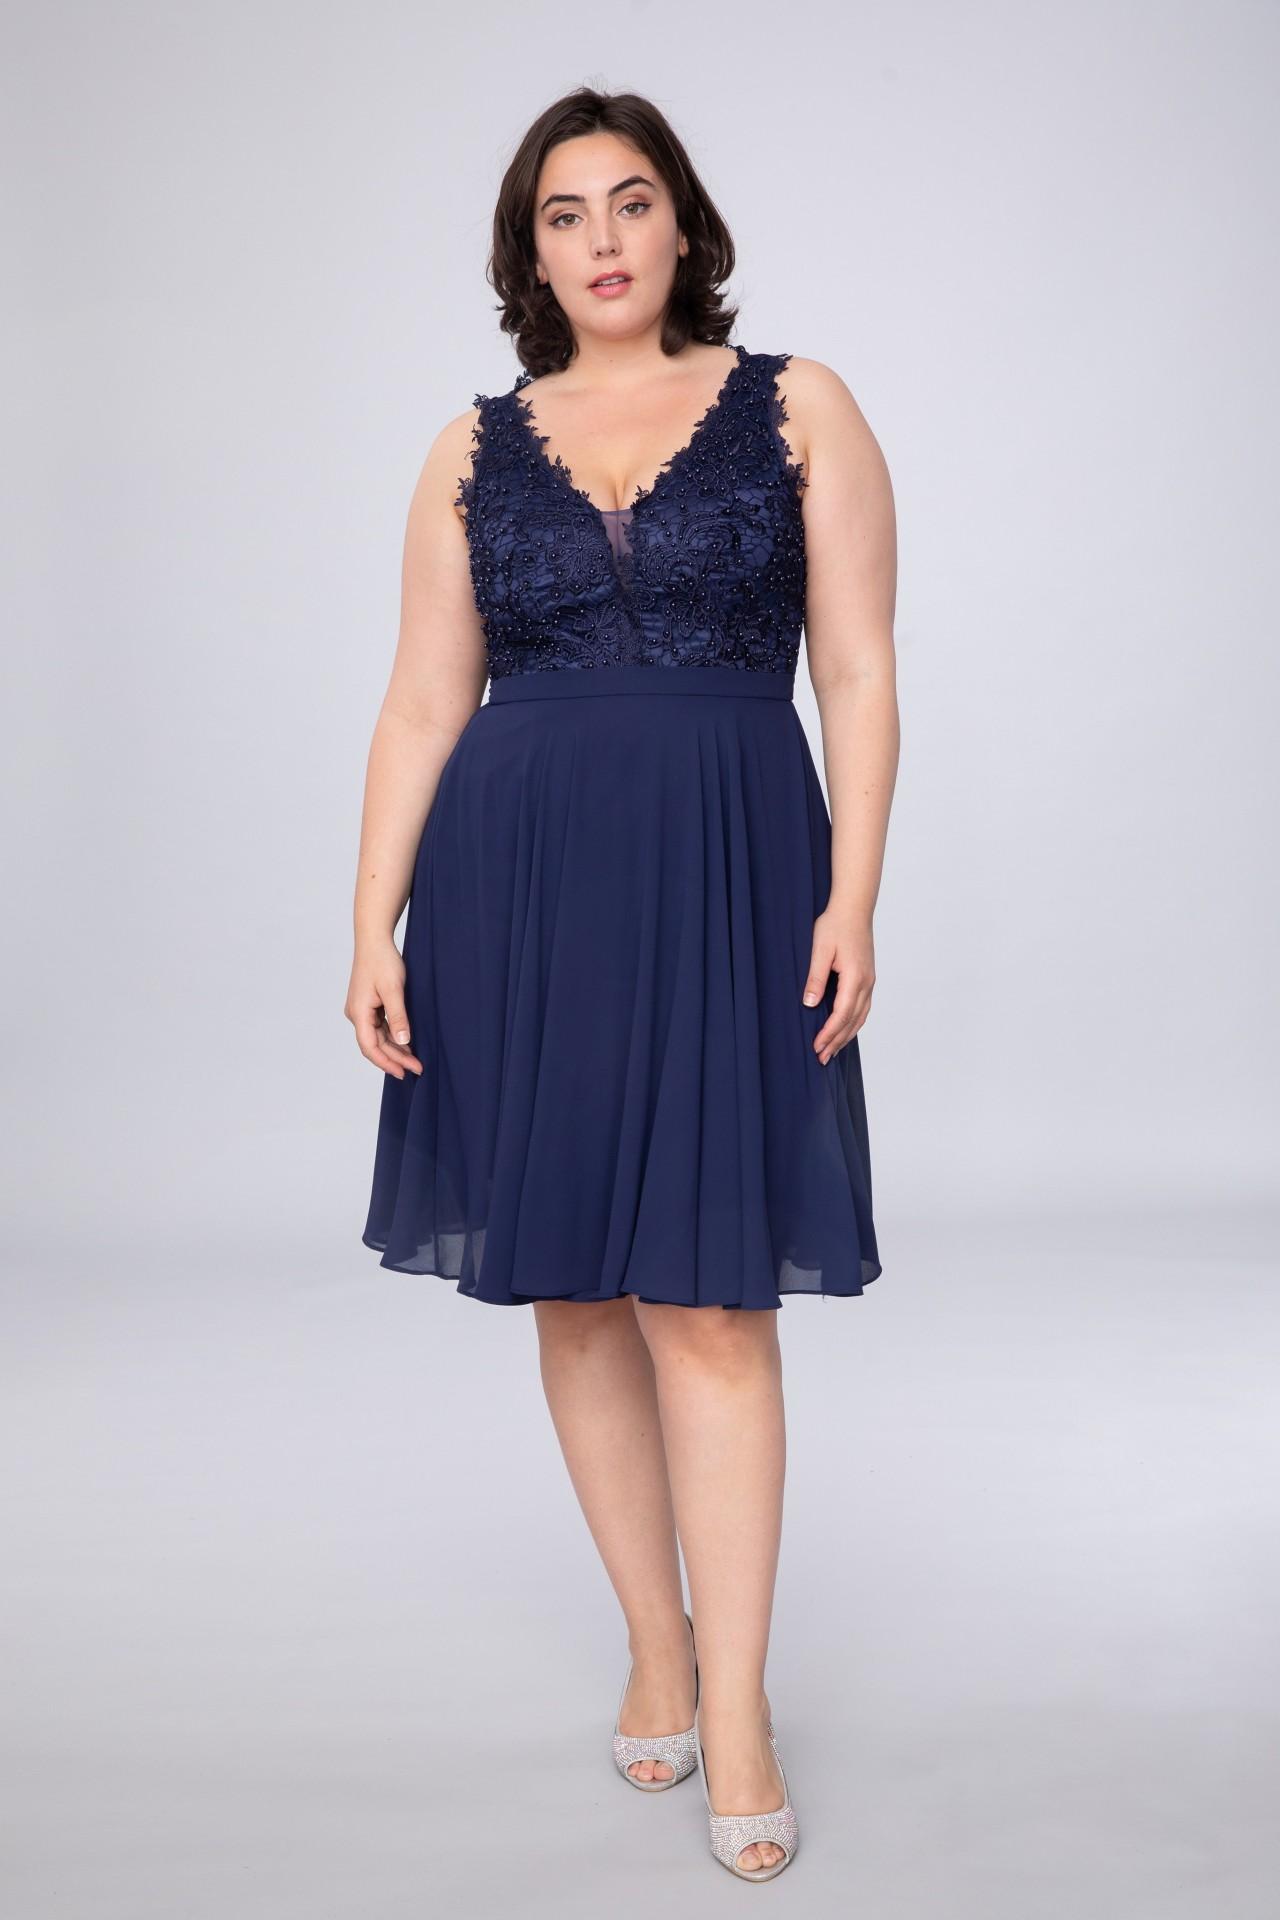 Vestido Denise Curto TG